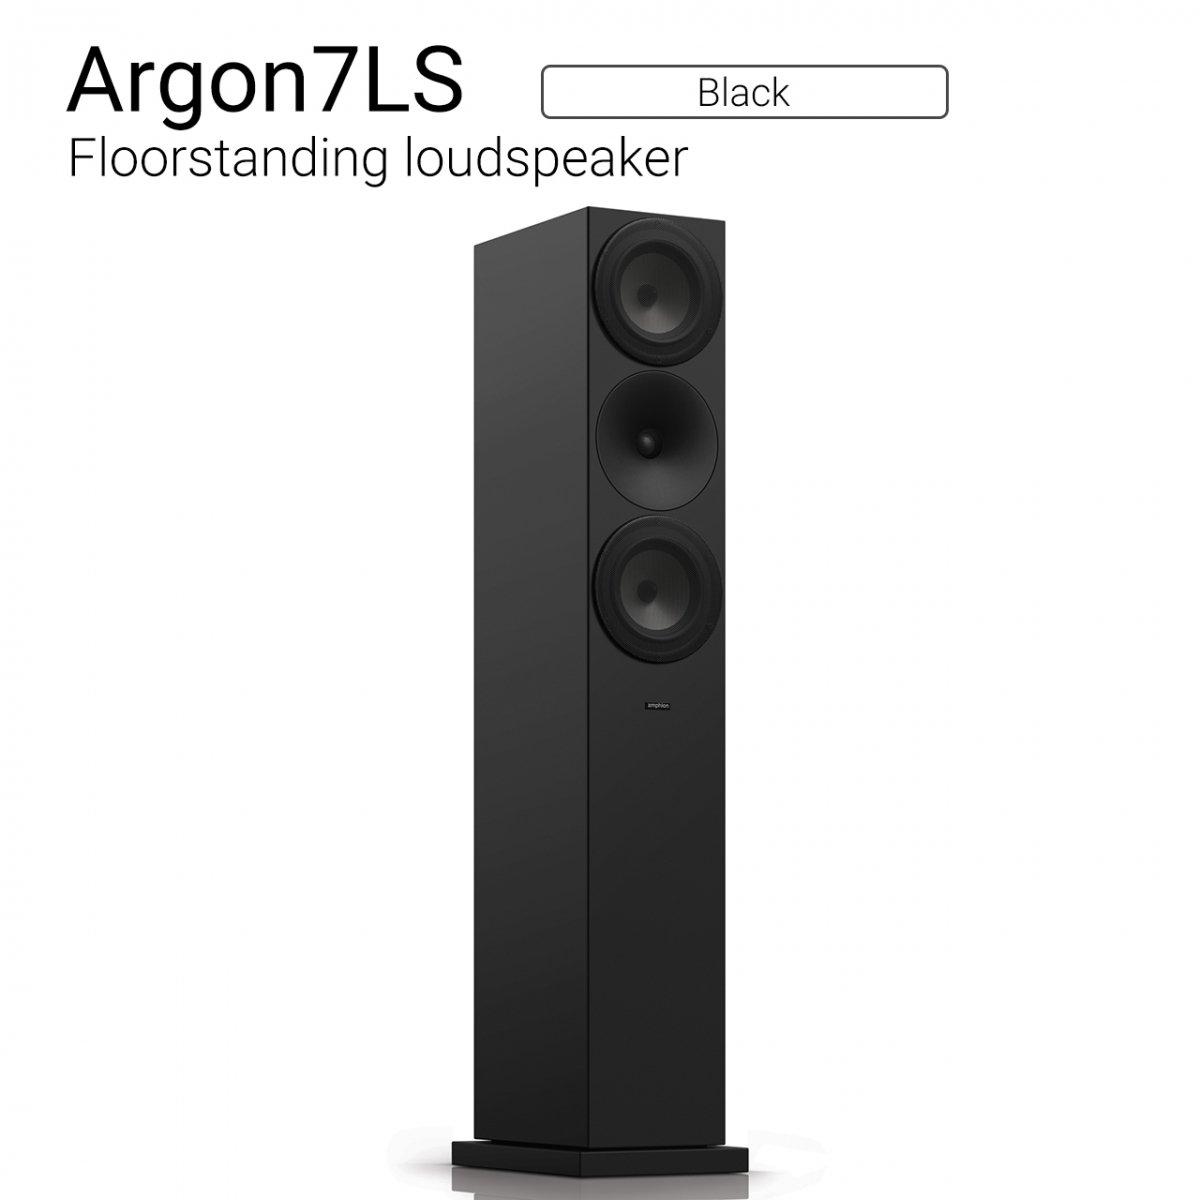 Argon7LS (Black) Floorstanding Loudspeaker【ペア】